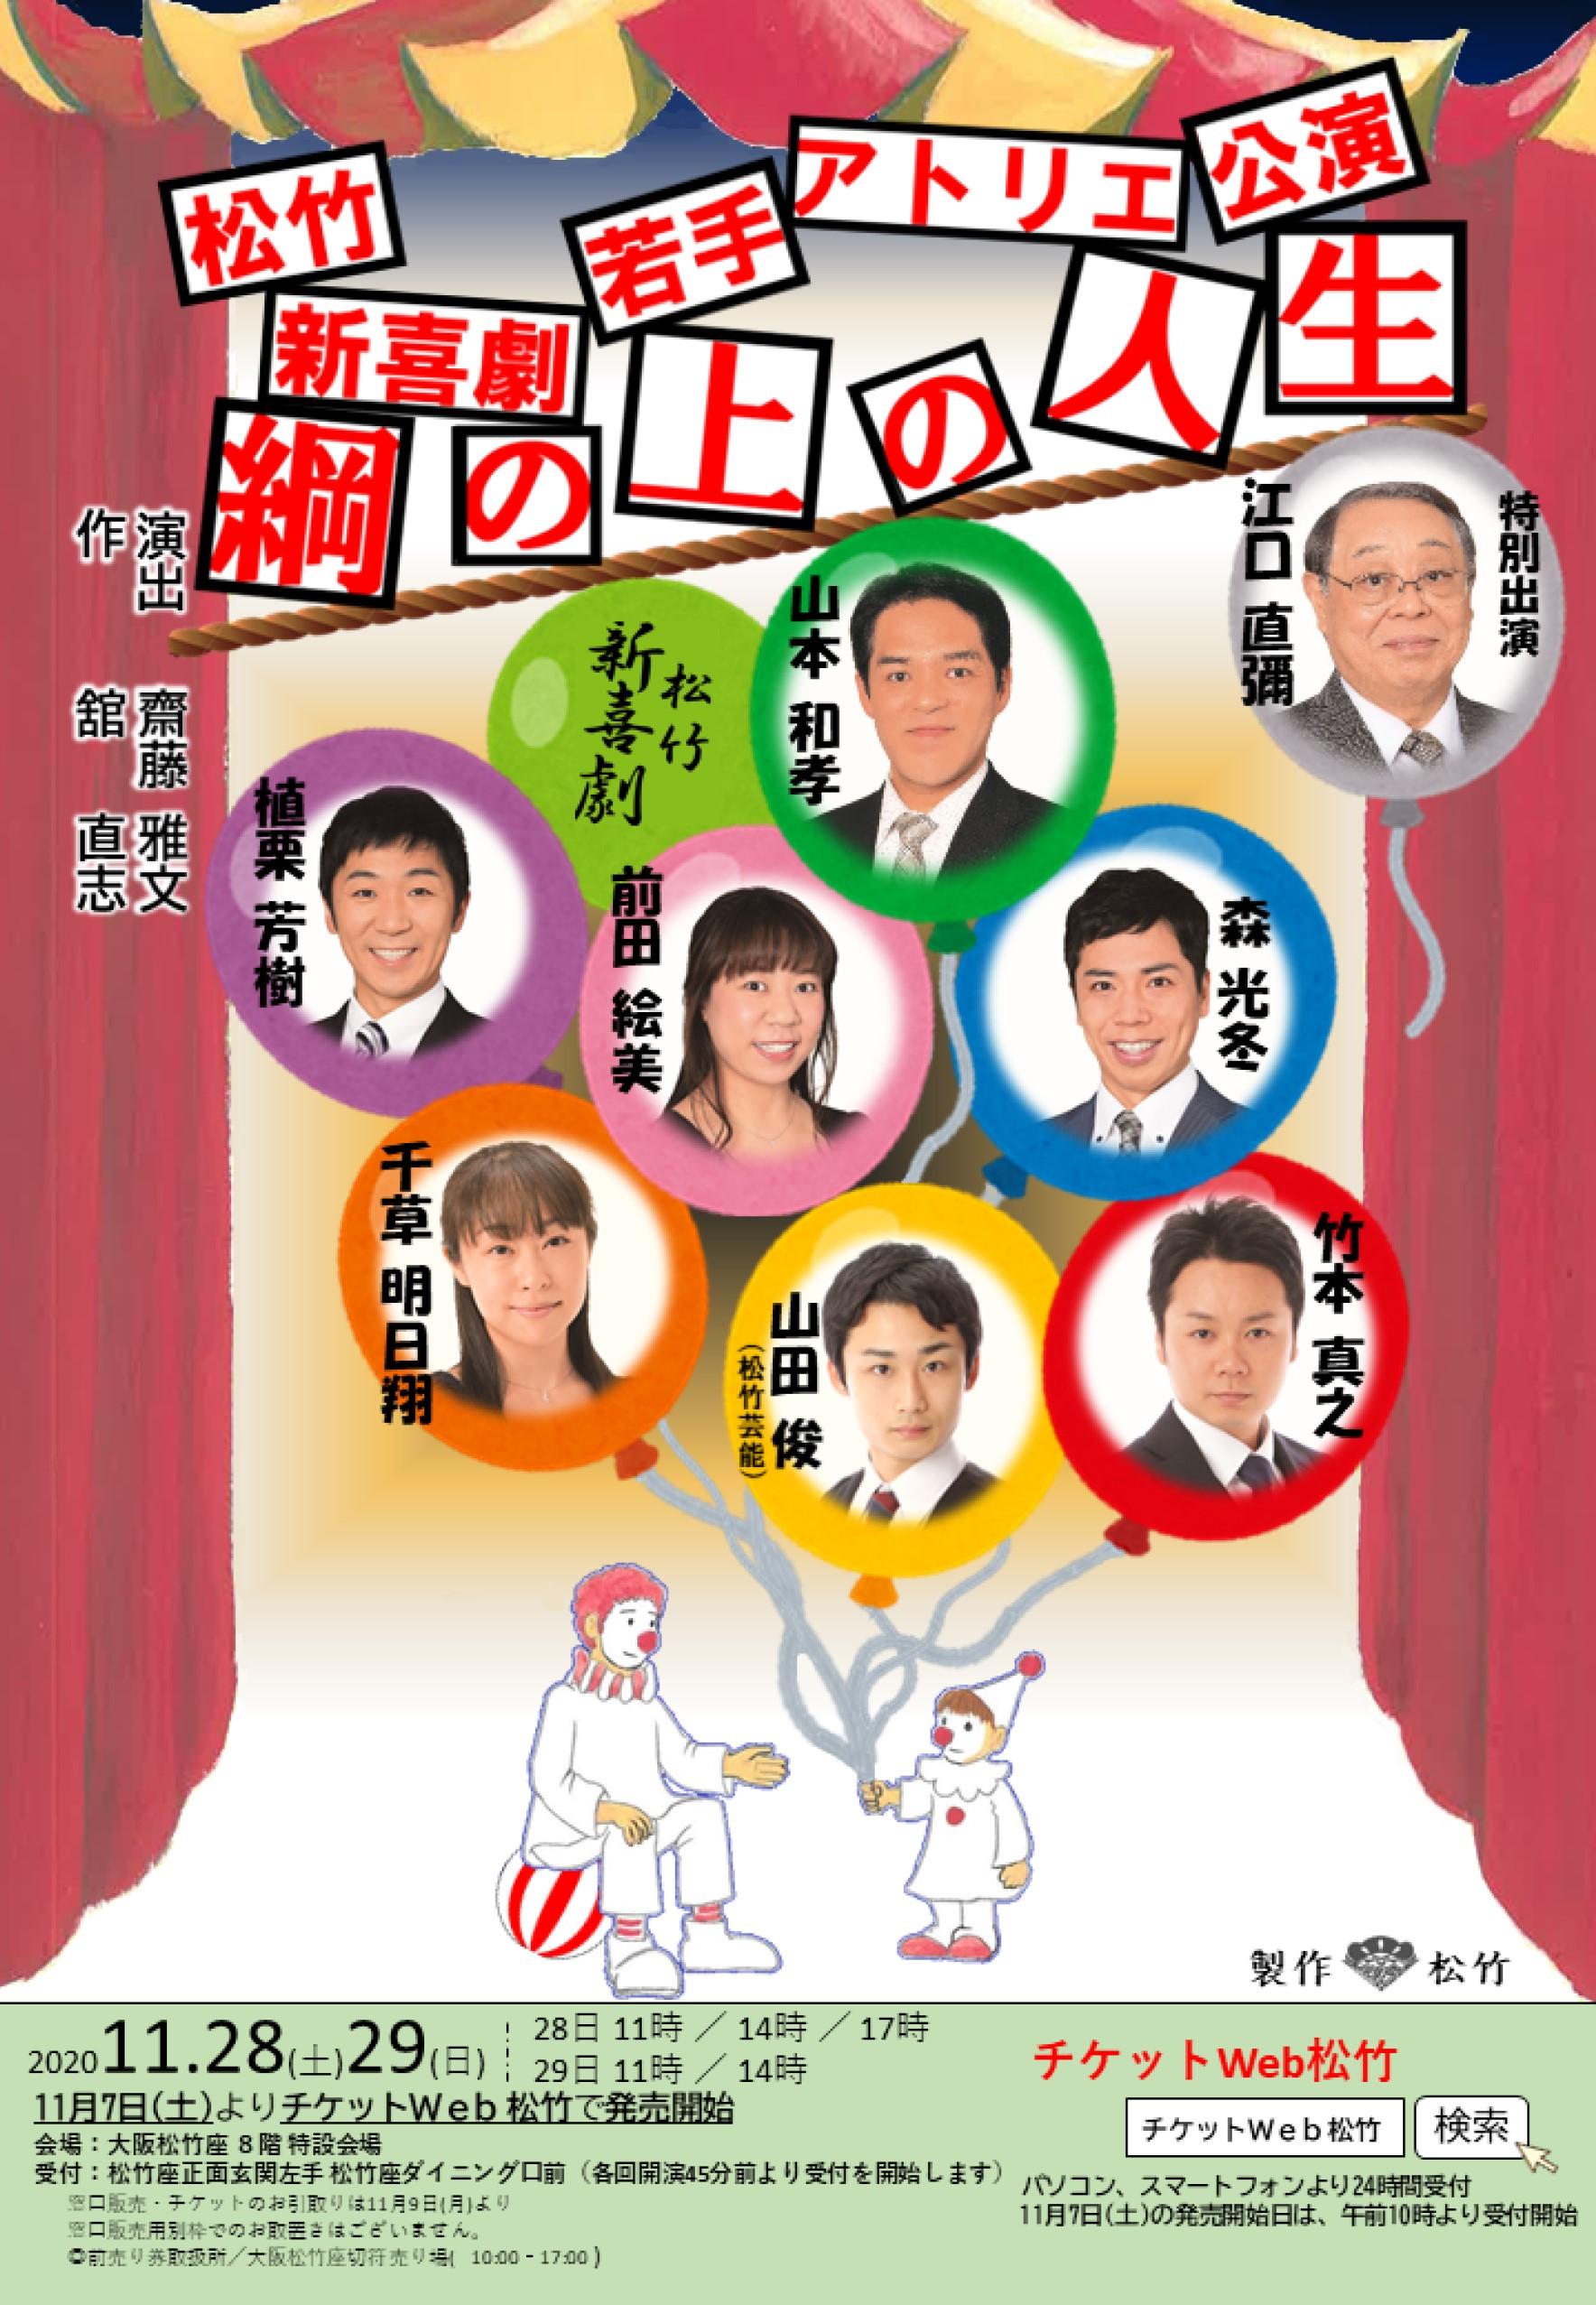 松竹新喜劇若手アトリエ公演「綱の上の人生」